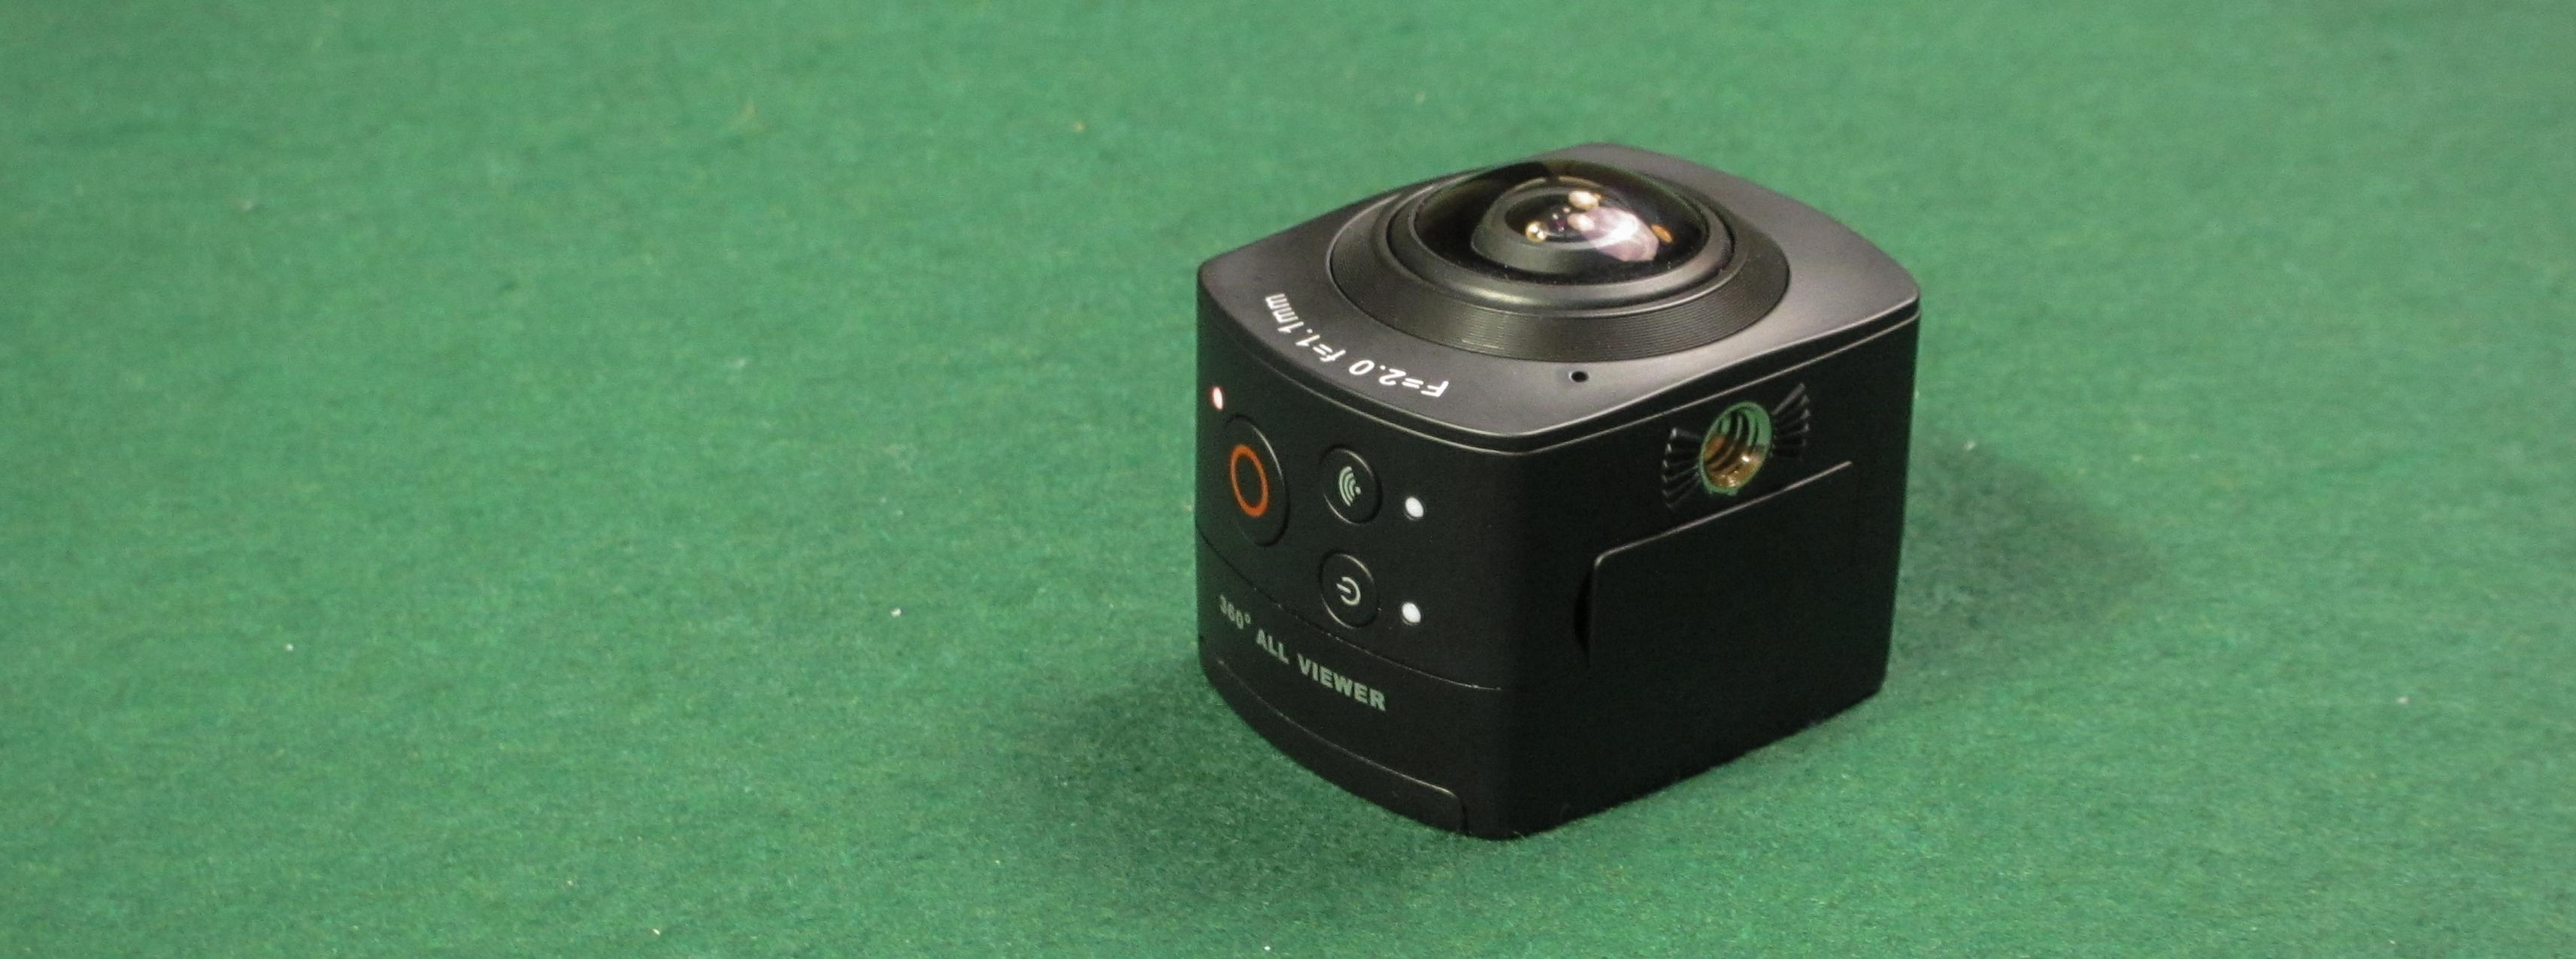 Amkov Amk100s 360 176 Camera Overview El Producente